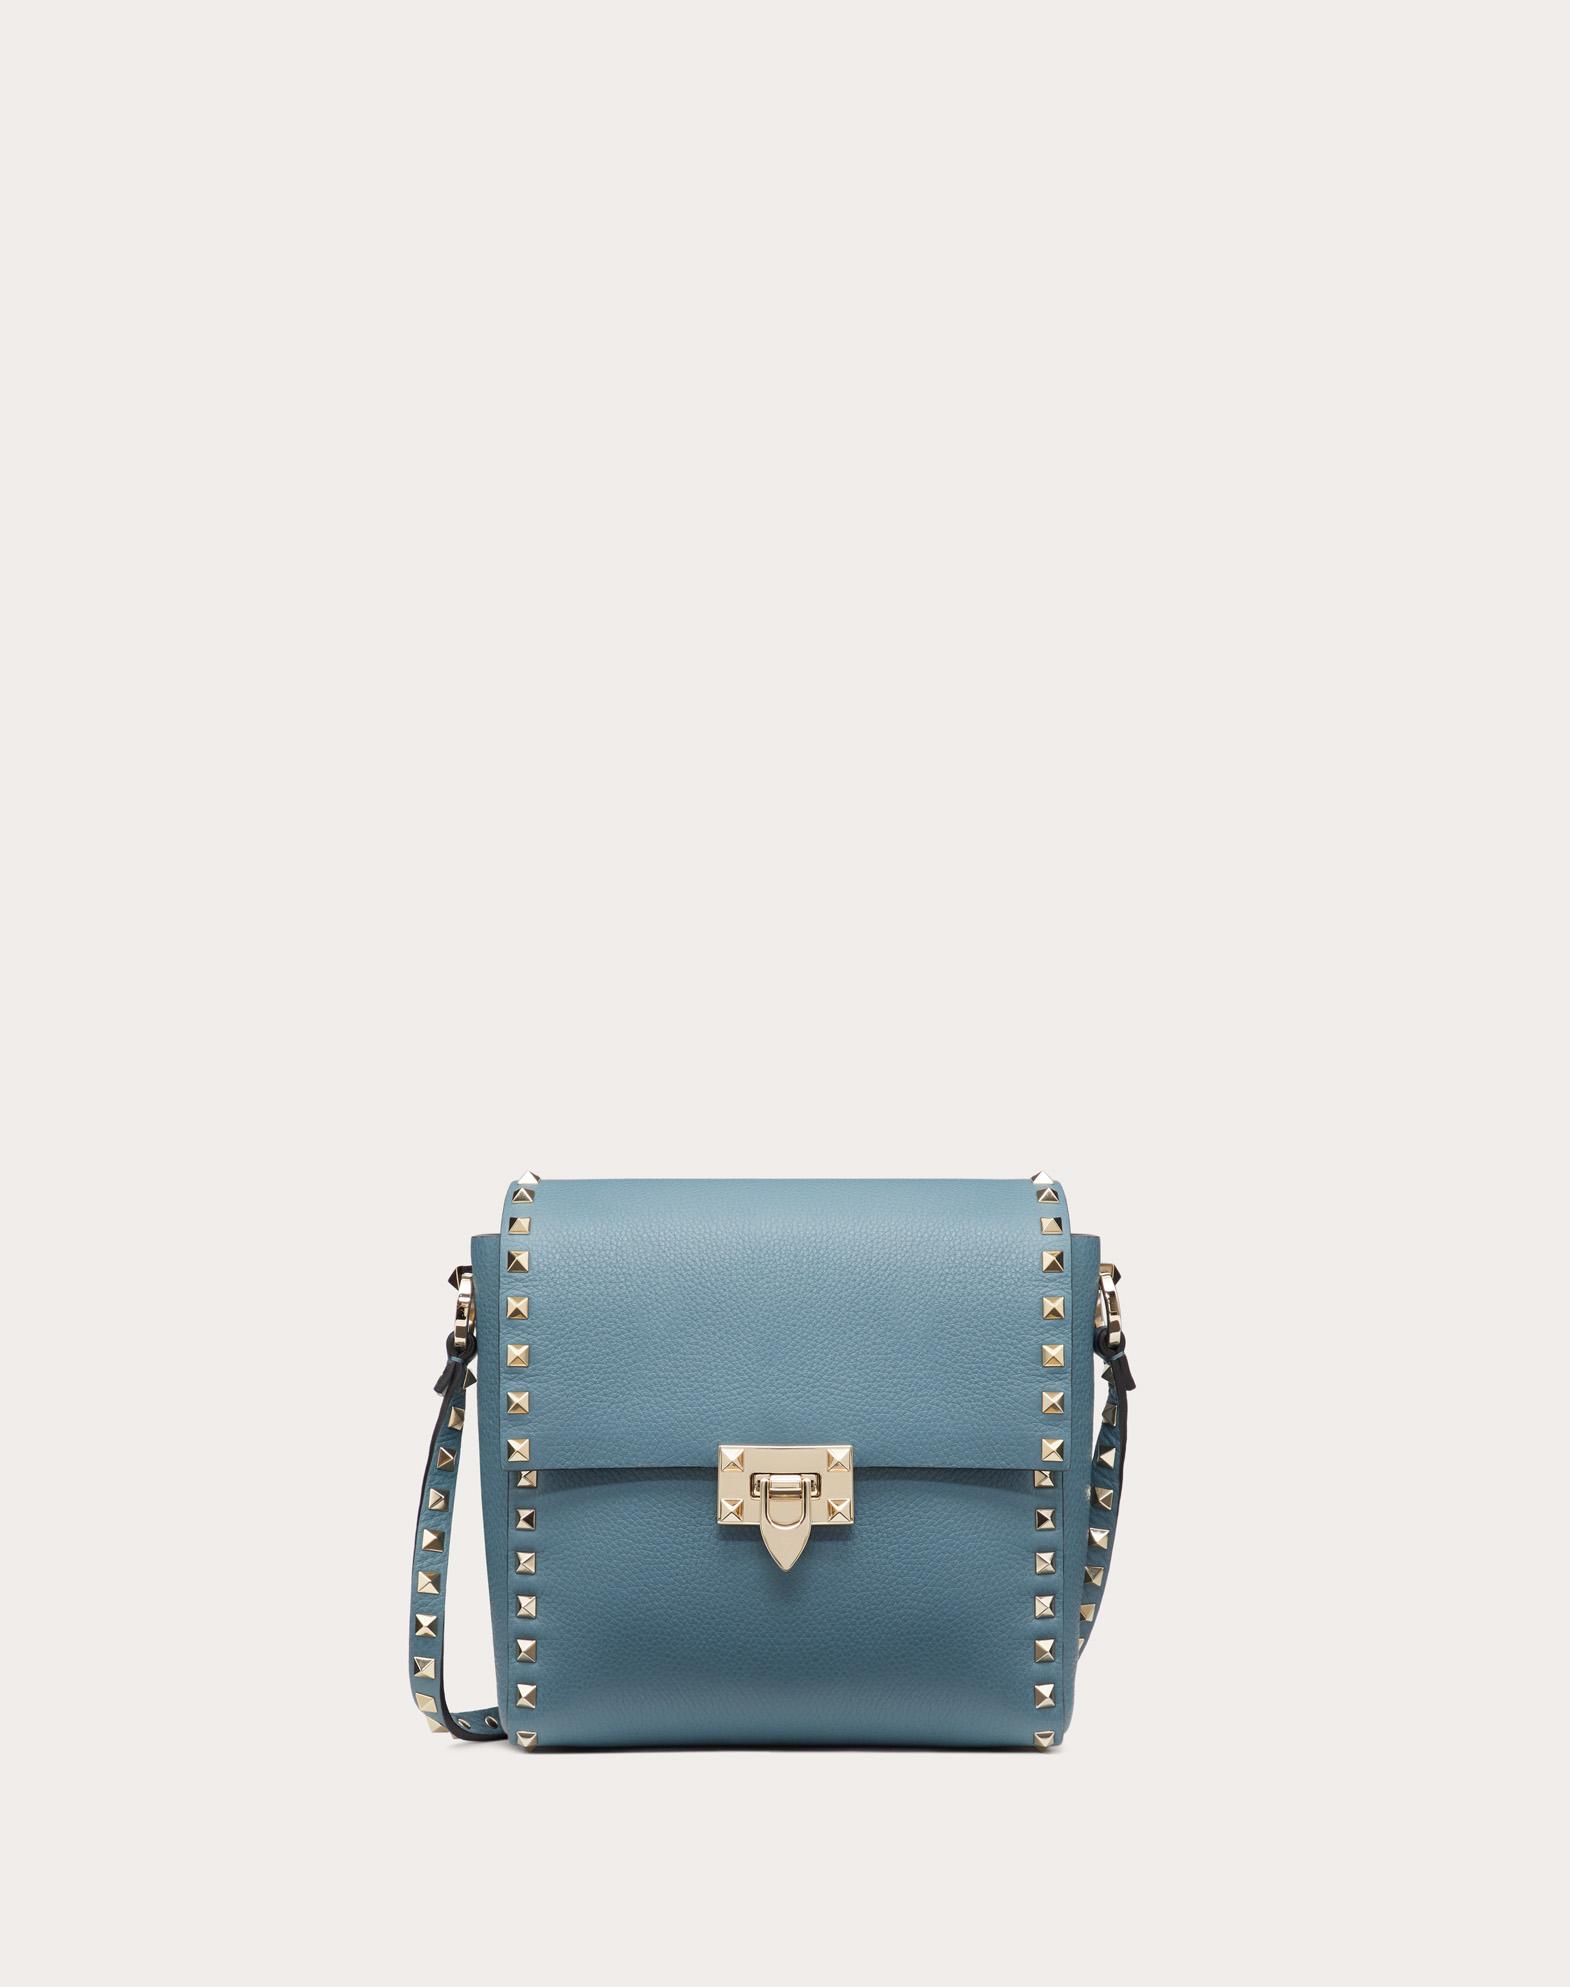 Rockstud Grainy Calfskin Vertical Bag